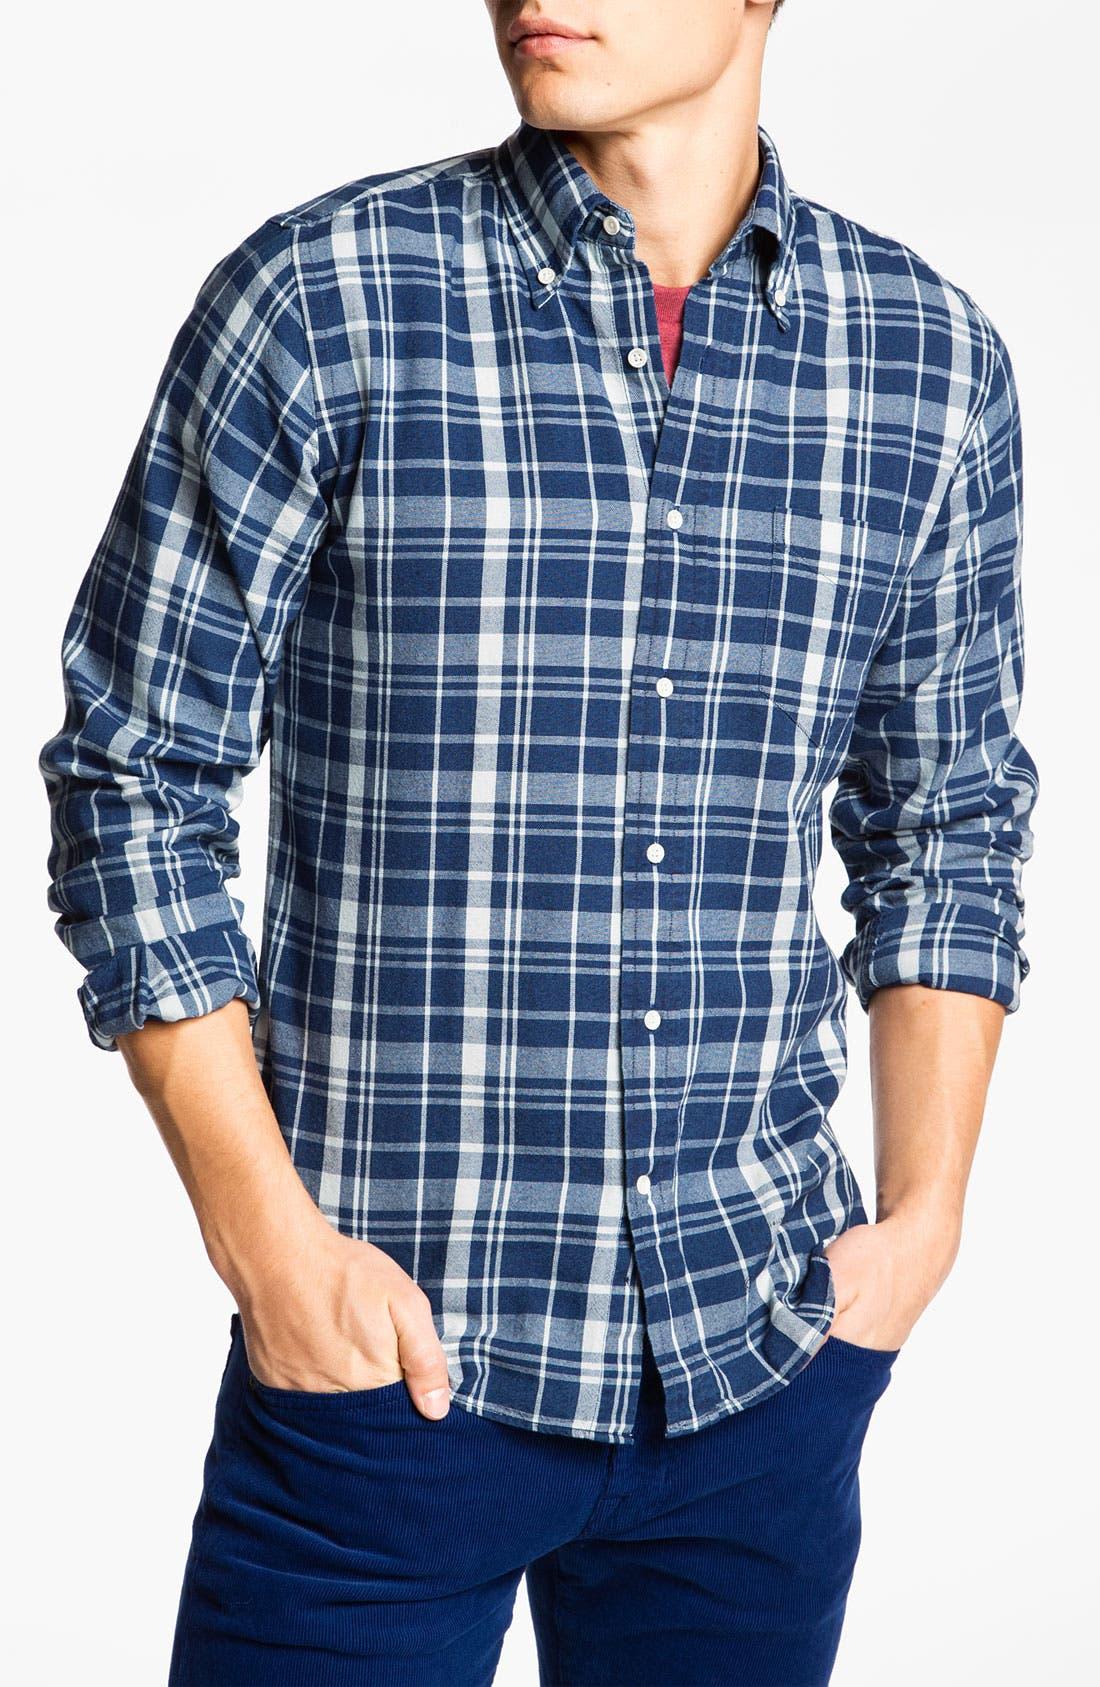 Alternate Image 1 Selected - Gant Rugger 'The Hugger' Check Woven Shirt